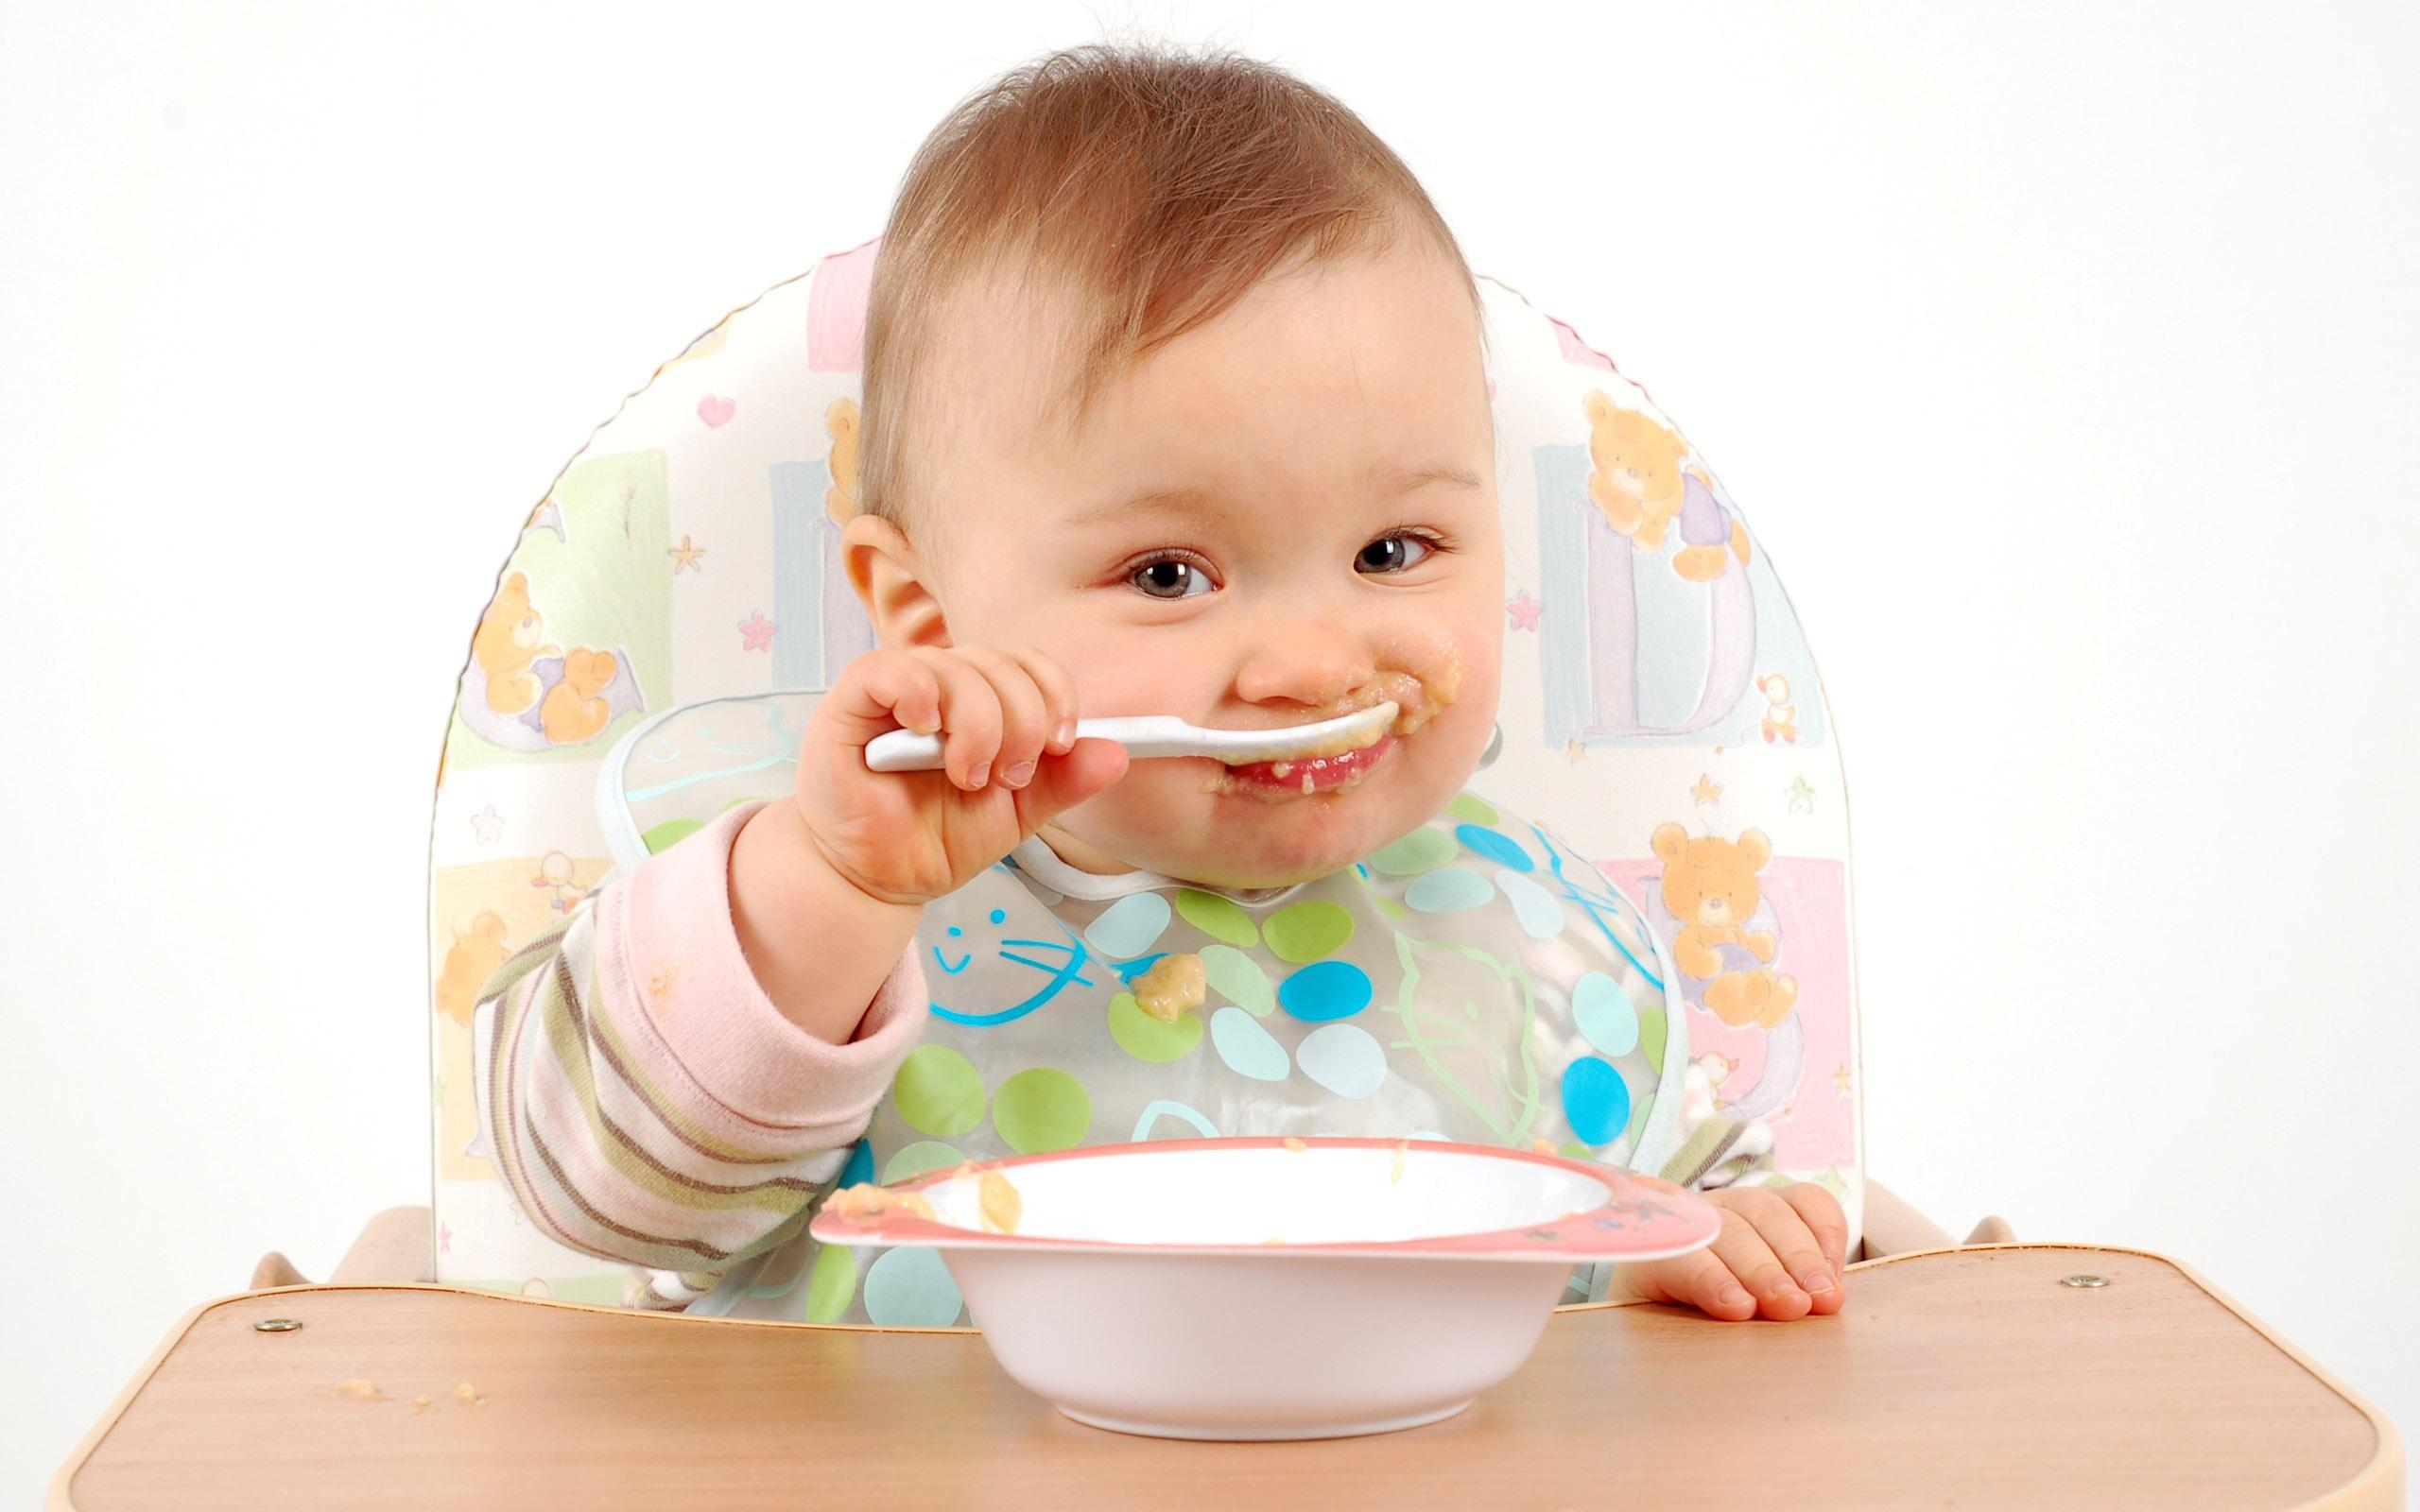 Ребёнок ест детскую еду ложкой изтарелки настуле застолом (сайт Минской школы киноискусства)